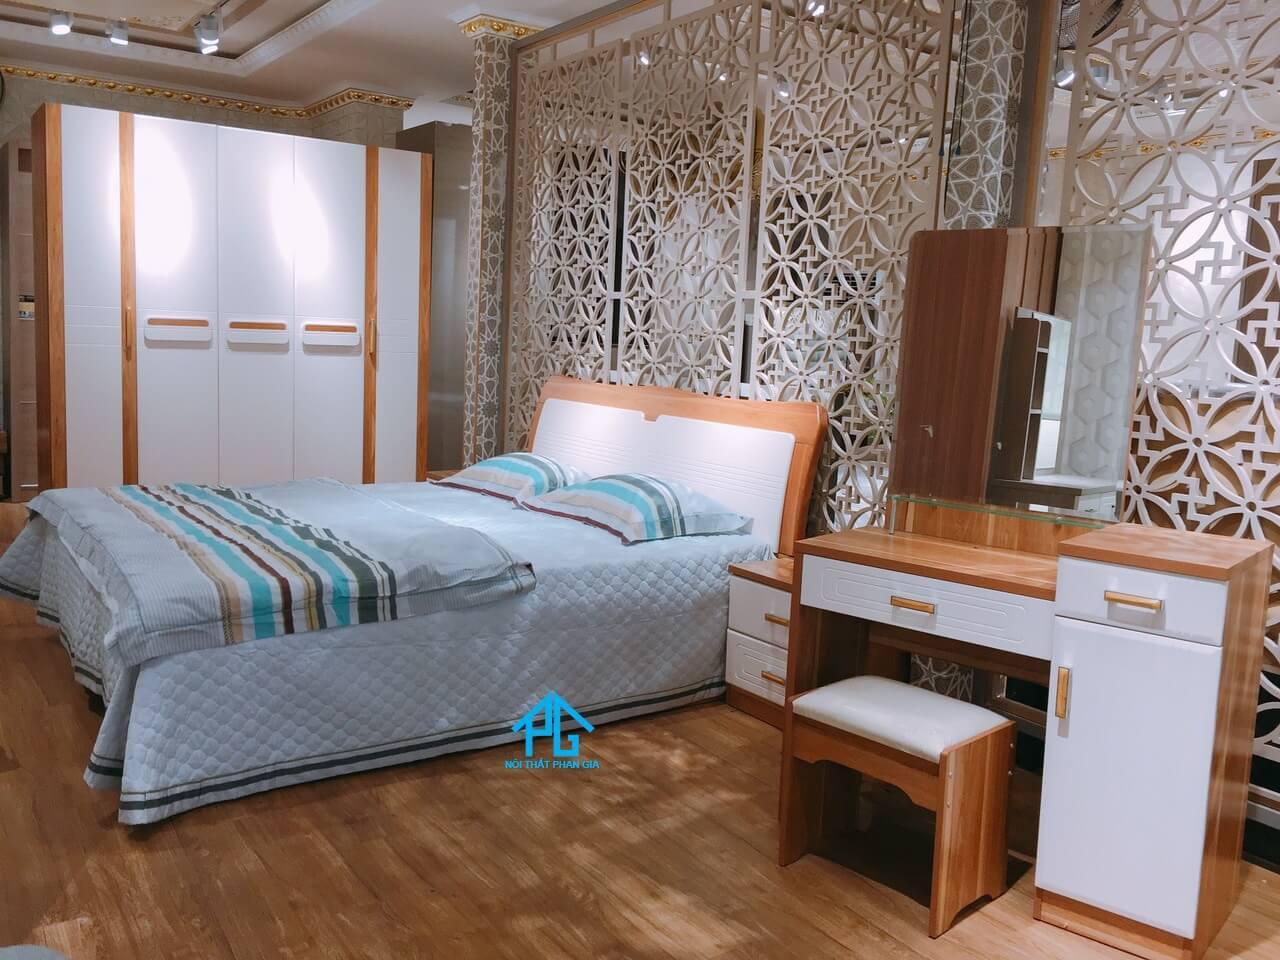 dương gia thiết kế trang trí nội thất phòng ngủ thuận an;